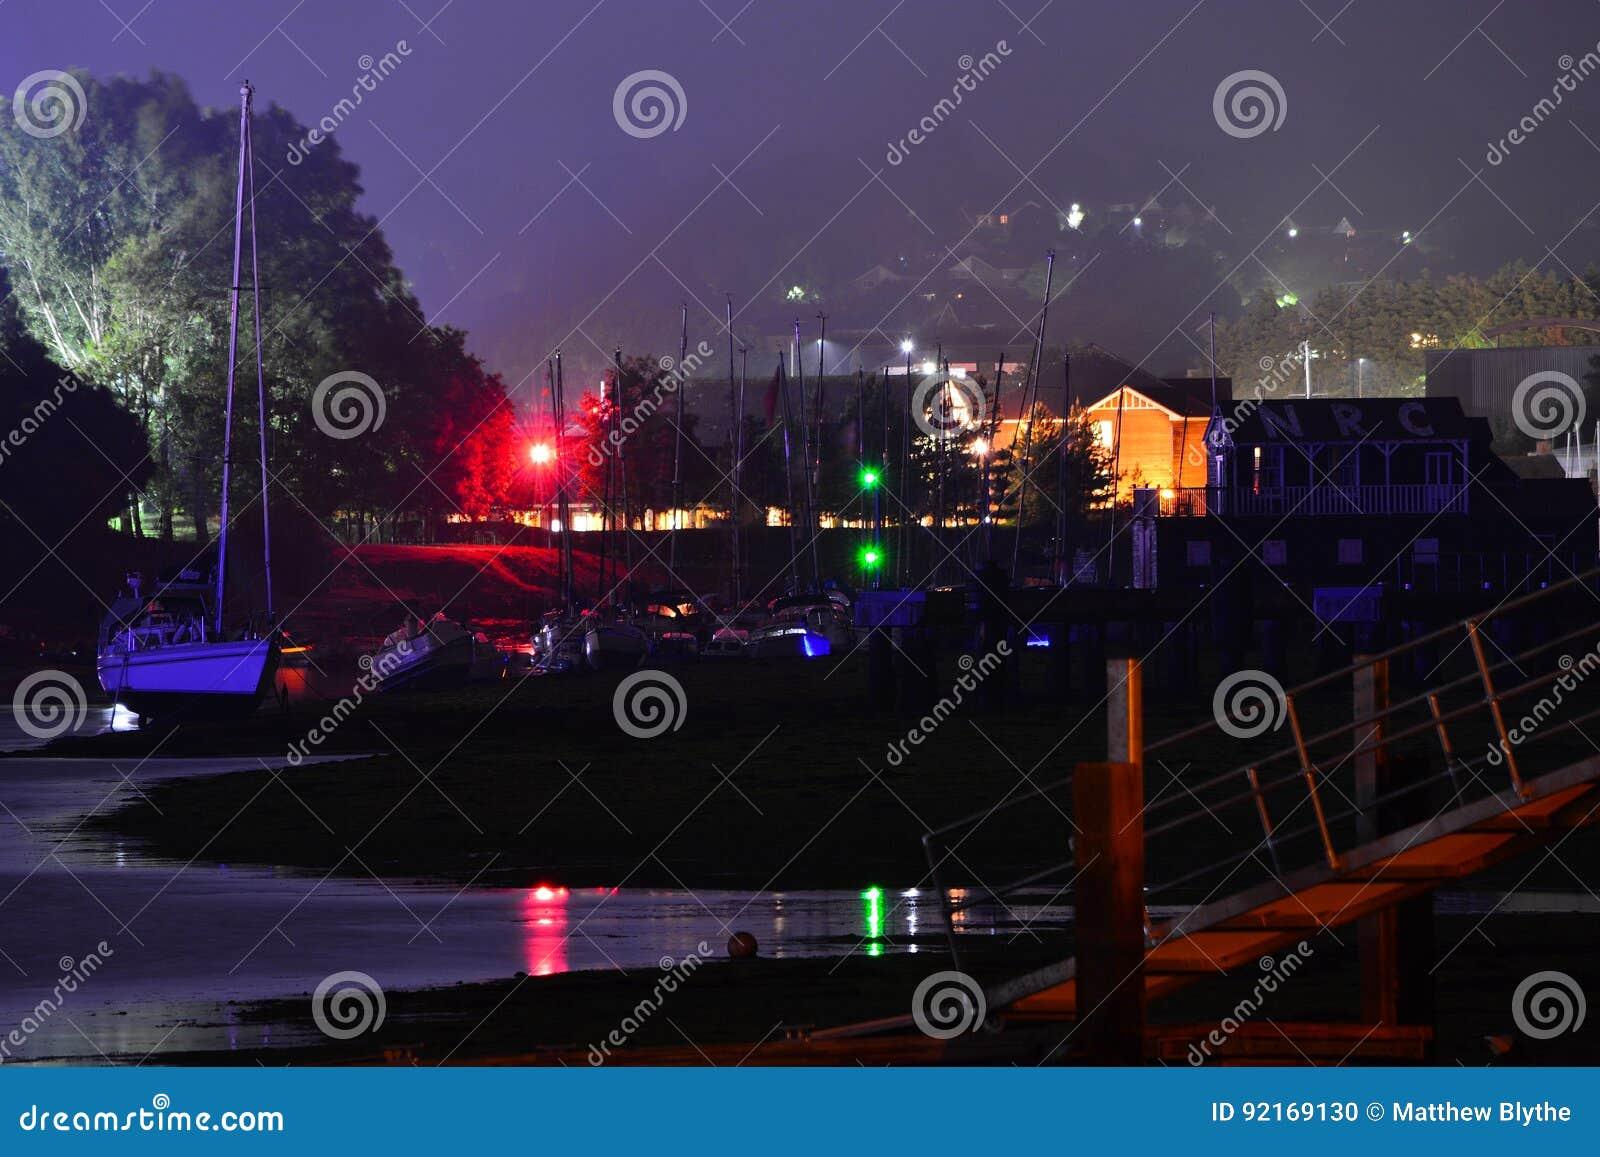 Wyspa Wight festiwalu Główna scena przy nocą